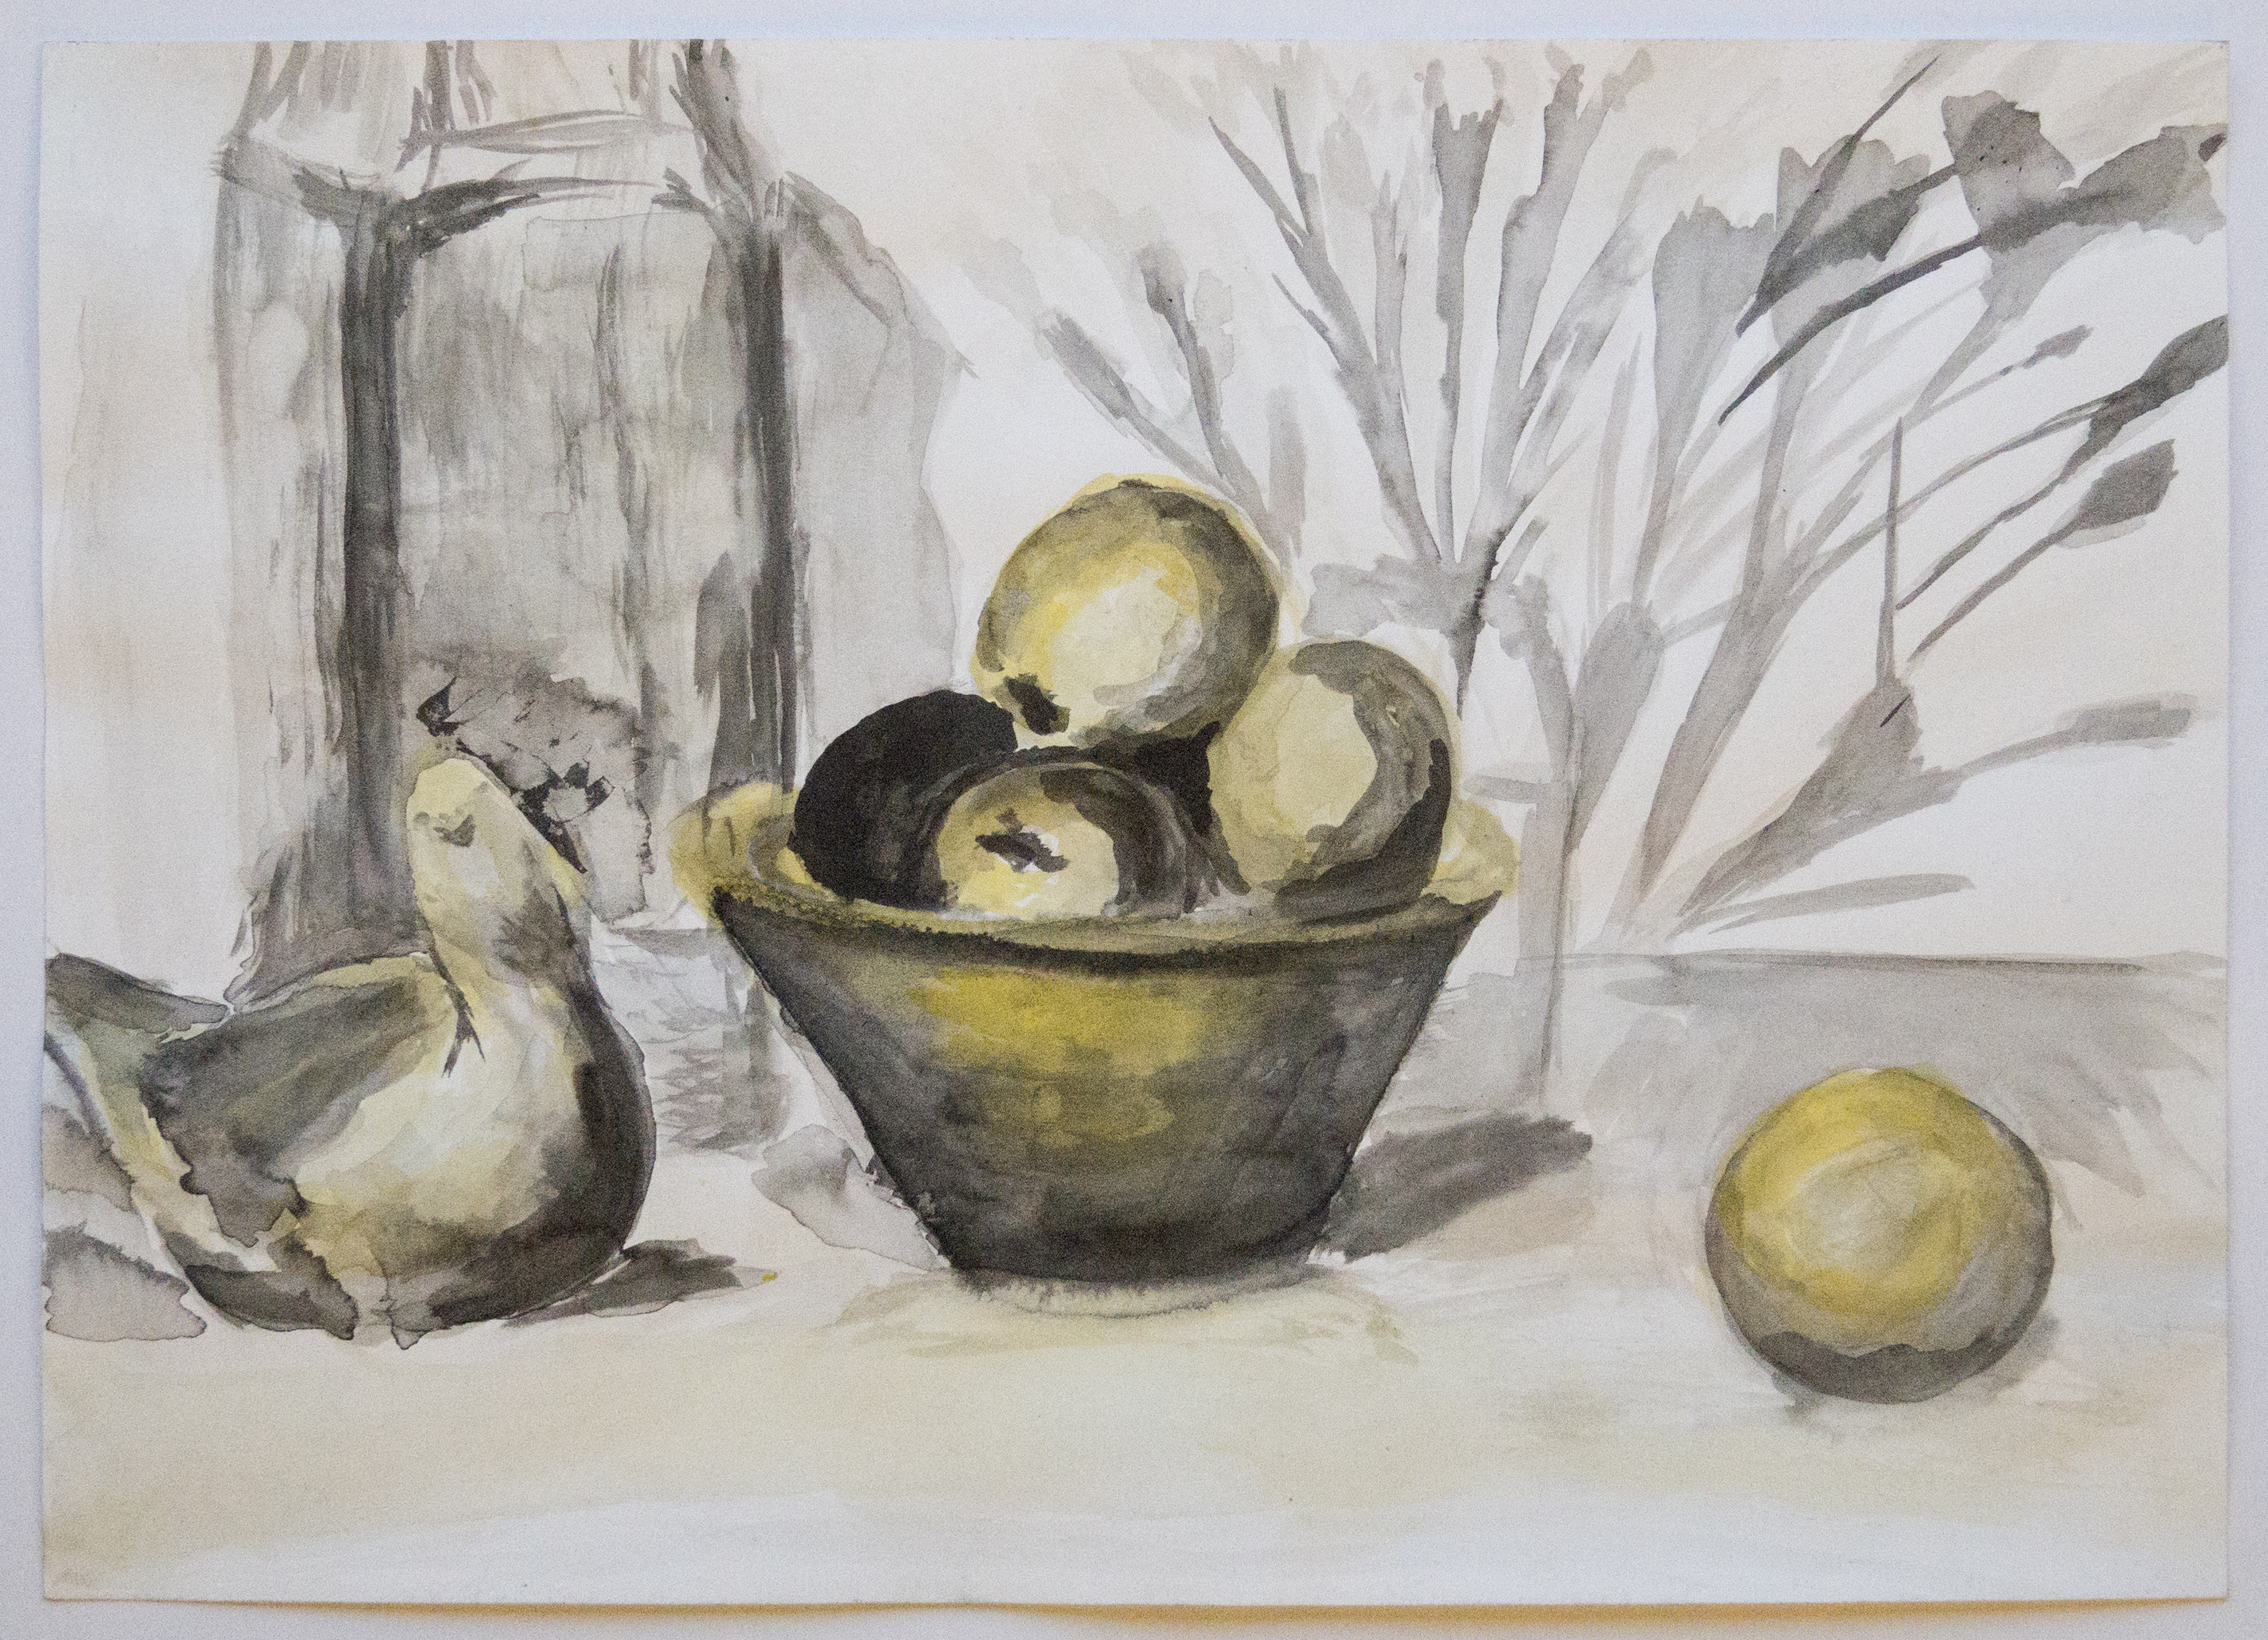 Apples and Ceramic Bird Still Life